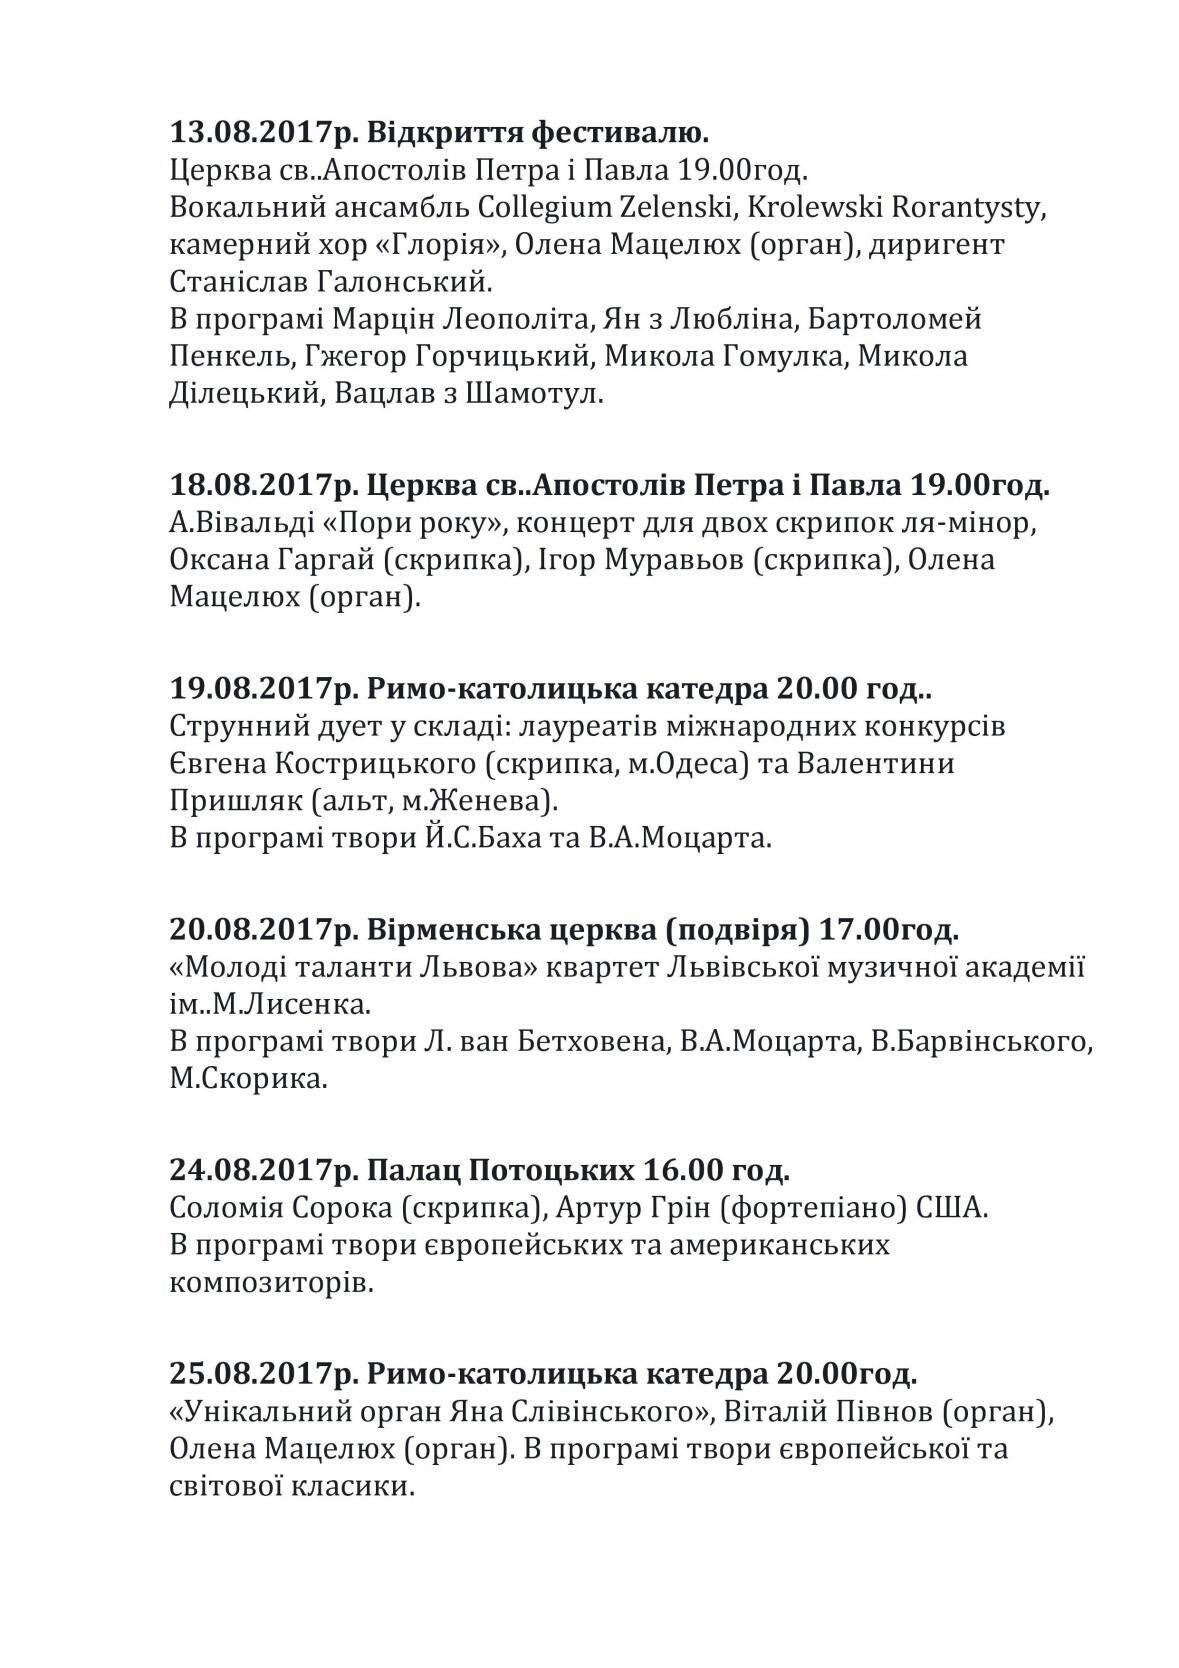 Сьогодні стартує фестиваль «Музика в старому Львові»: програма, локації і вартість квитків , фото-1